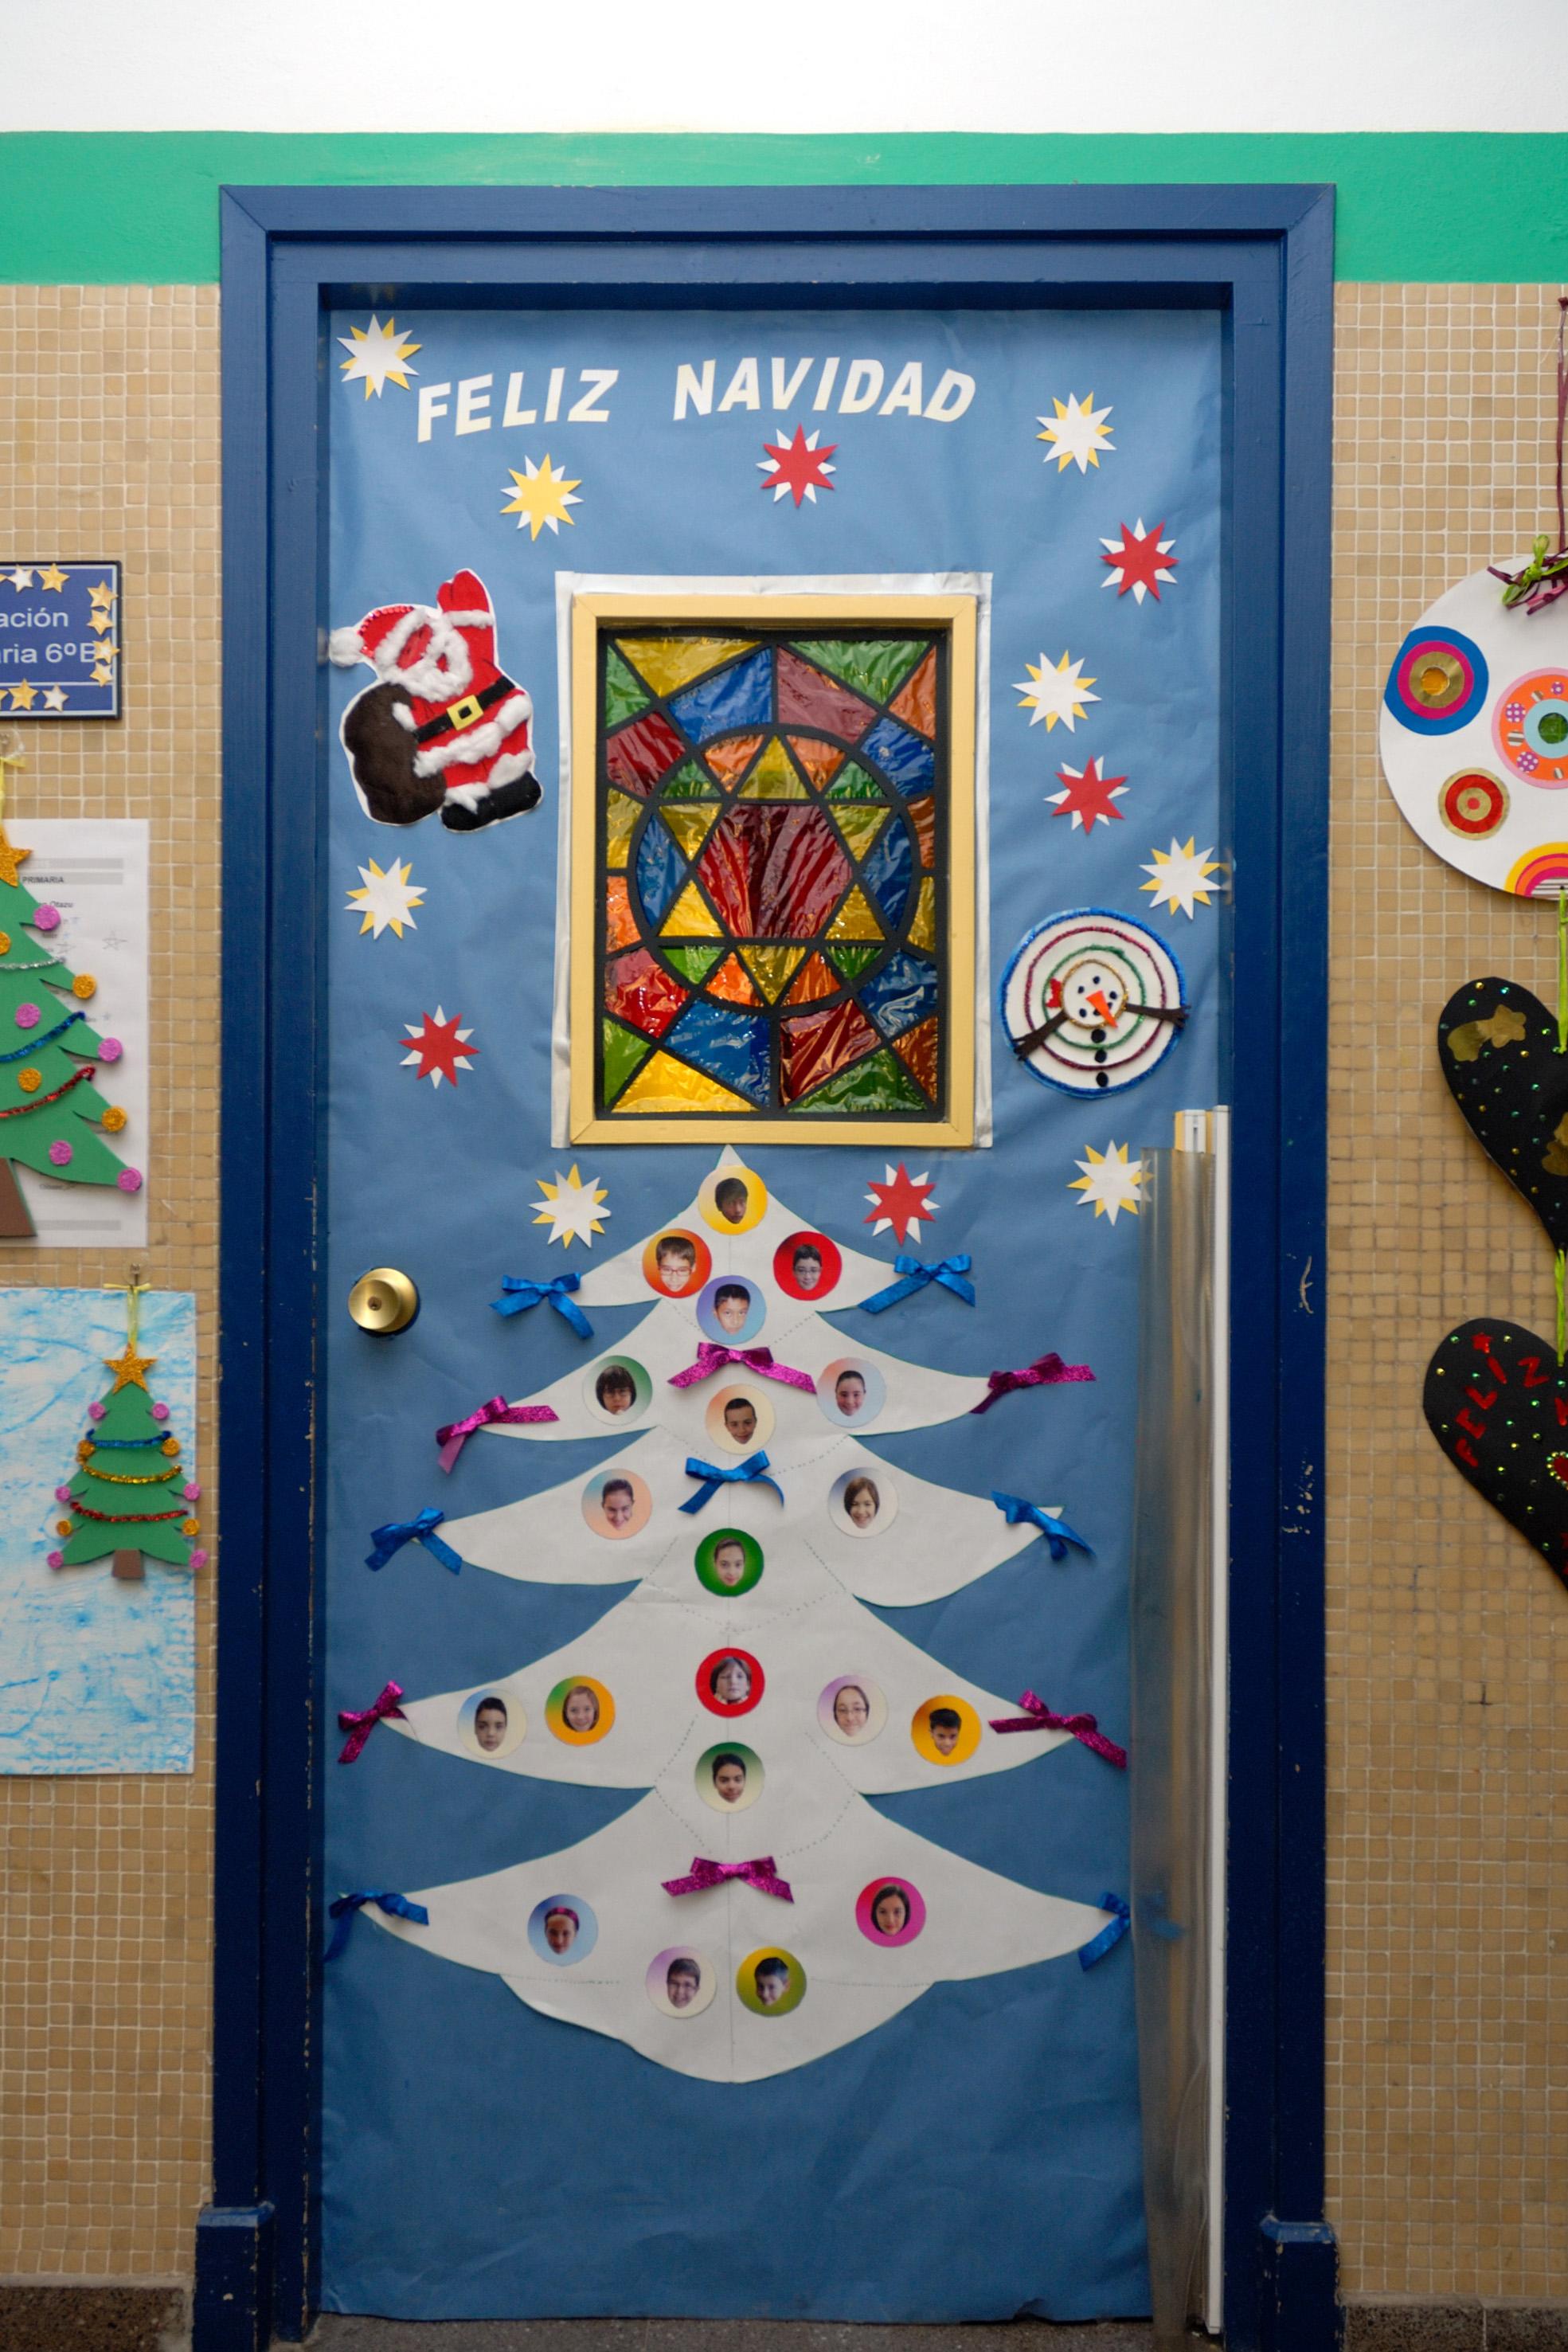 Apyma cp luis gil for Puertas decoradas navidad material reciclable